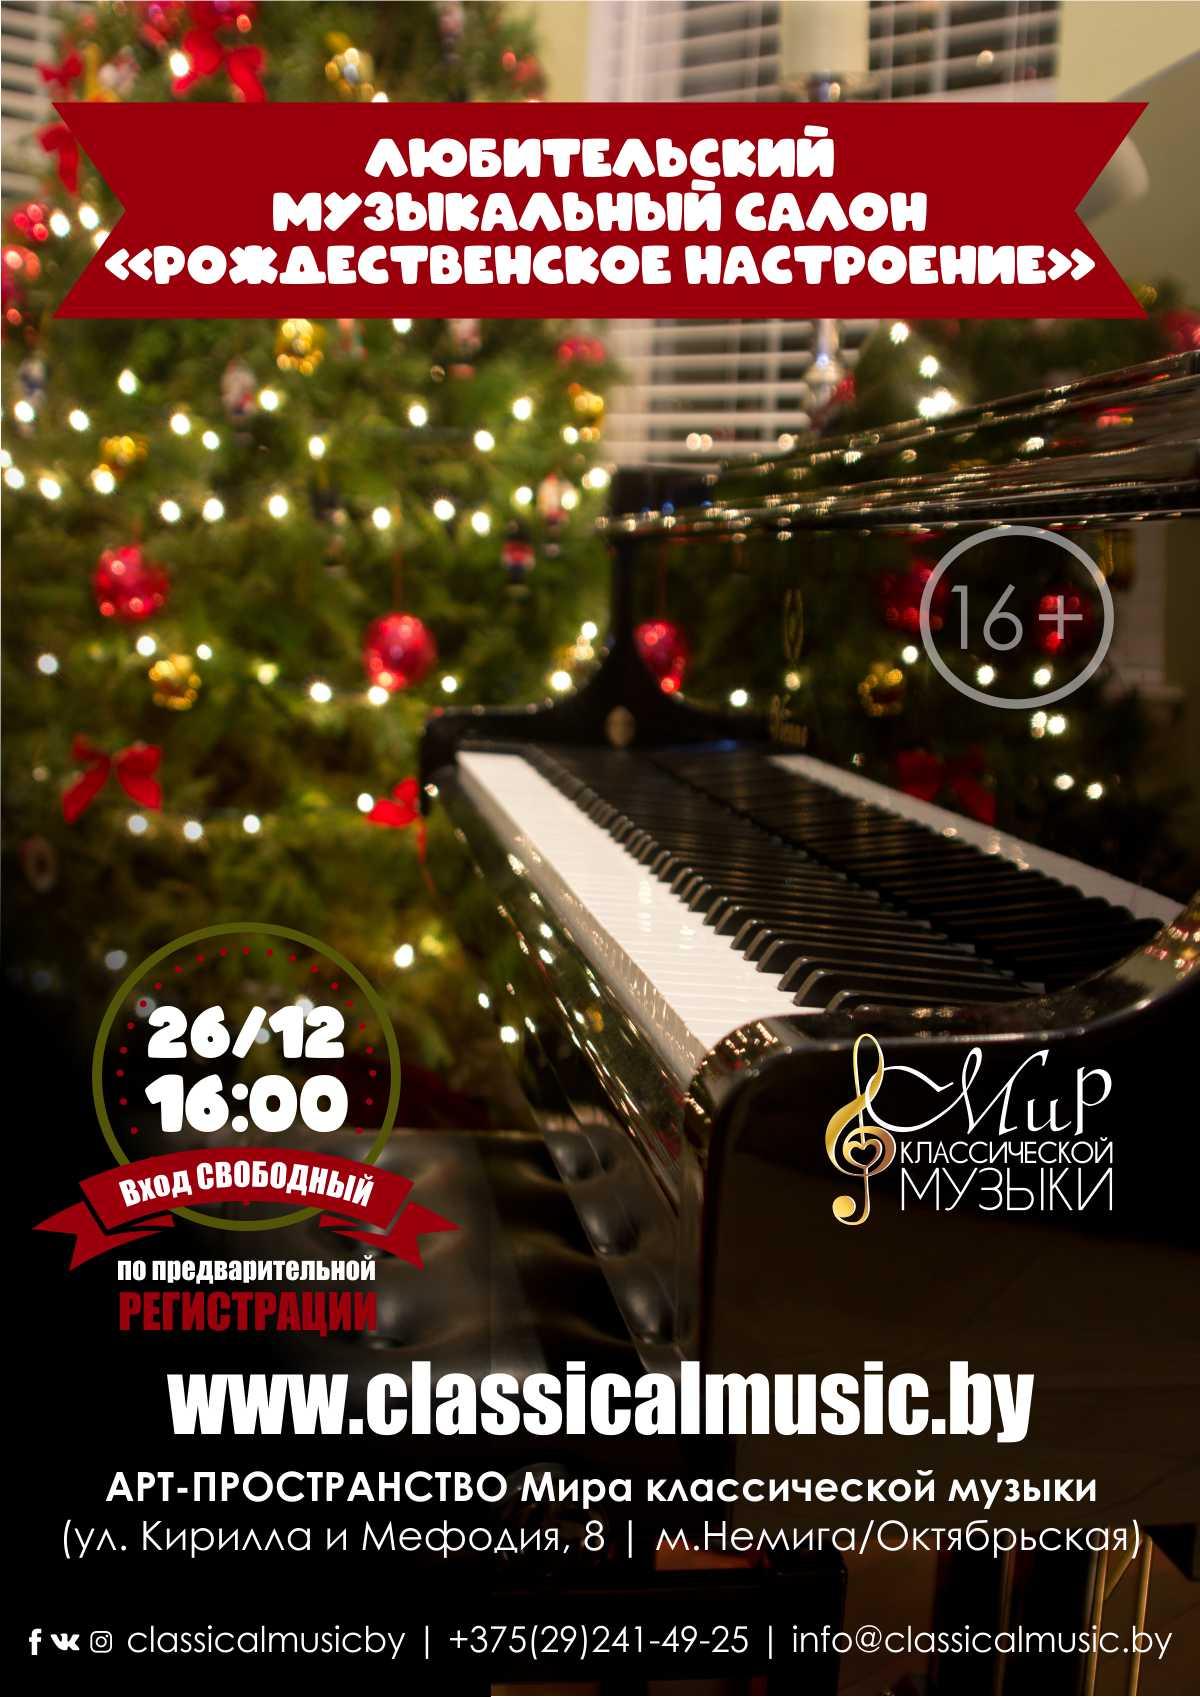 2020.12.26 Рождественская встреча музыкантов-любителей